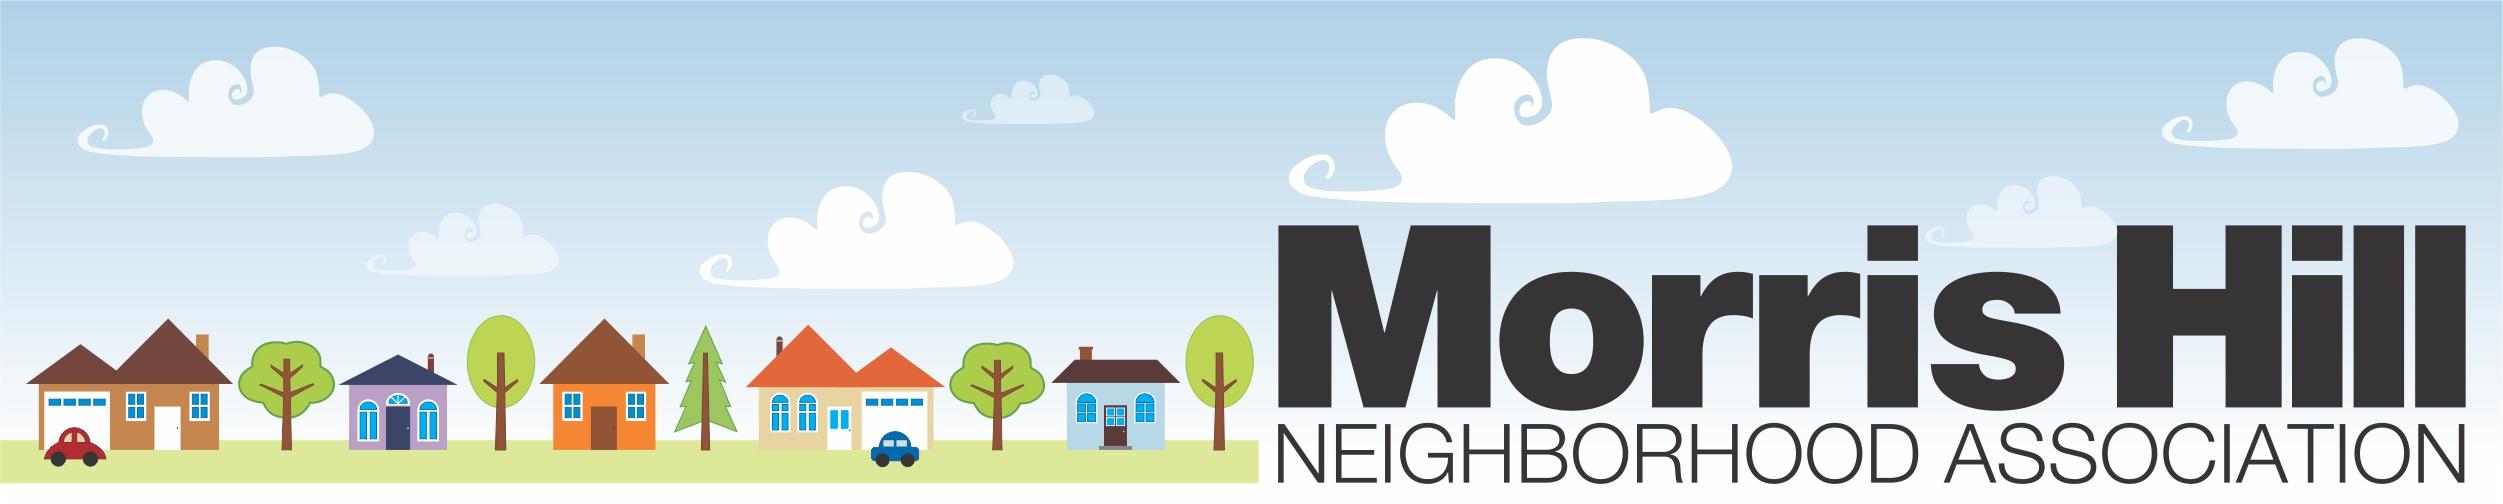 Morris Hill Neighborhood Association